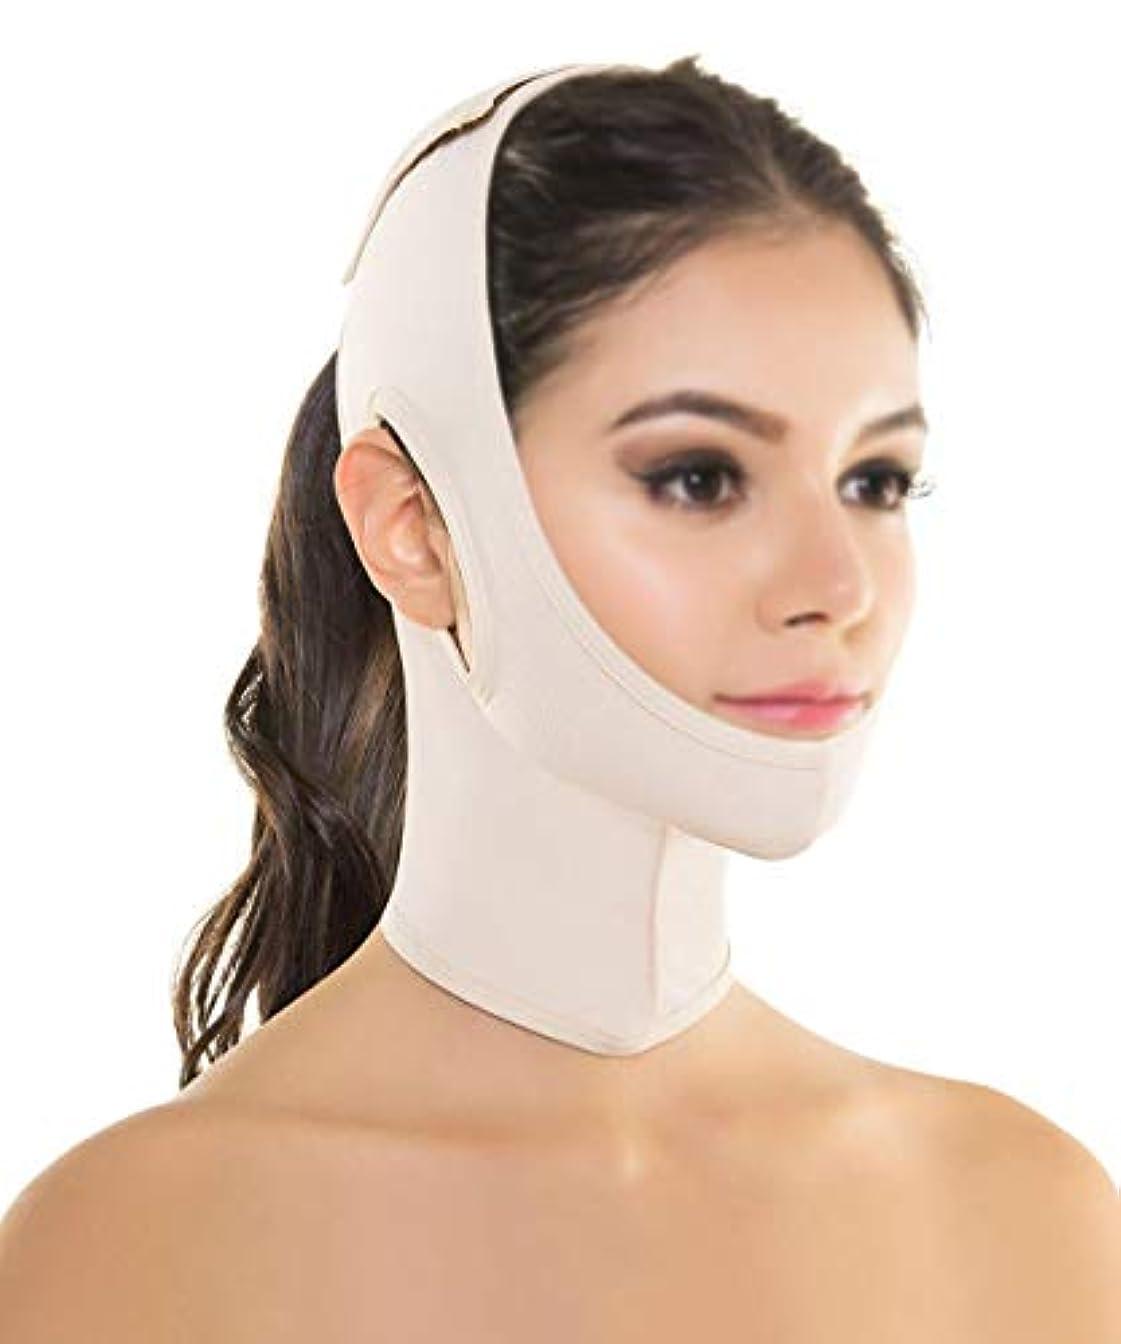 アーティストランドリー先見の明TLMY フェイシャルリフティングマスクシリコンVマスクリフティングマスクシンフェイスアーティファクトリフティングダブルチン術後包帯フェイシャル&ネックリフティング 顔用整形マスク (Color : Skin tone)